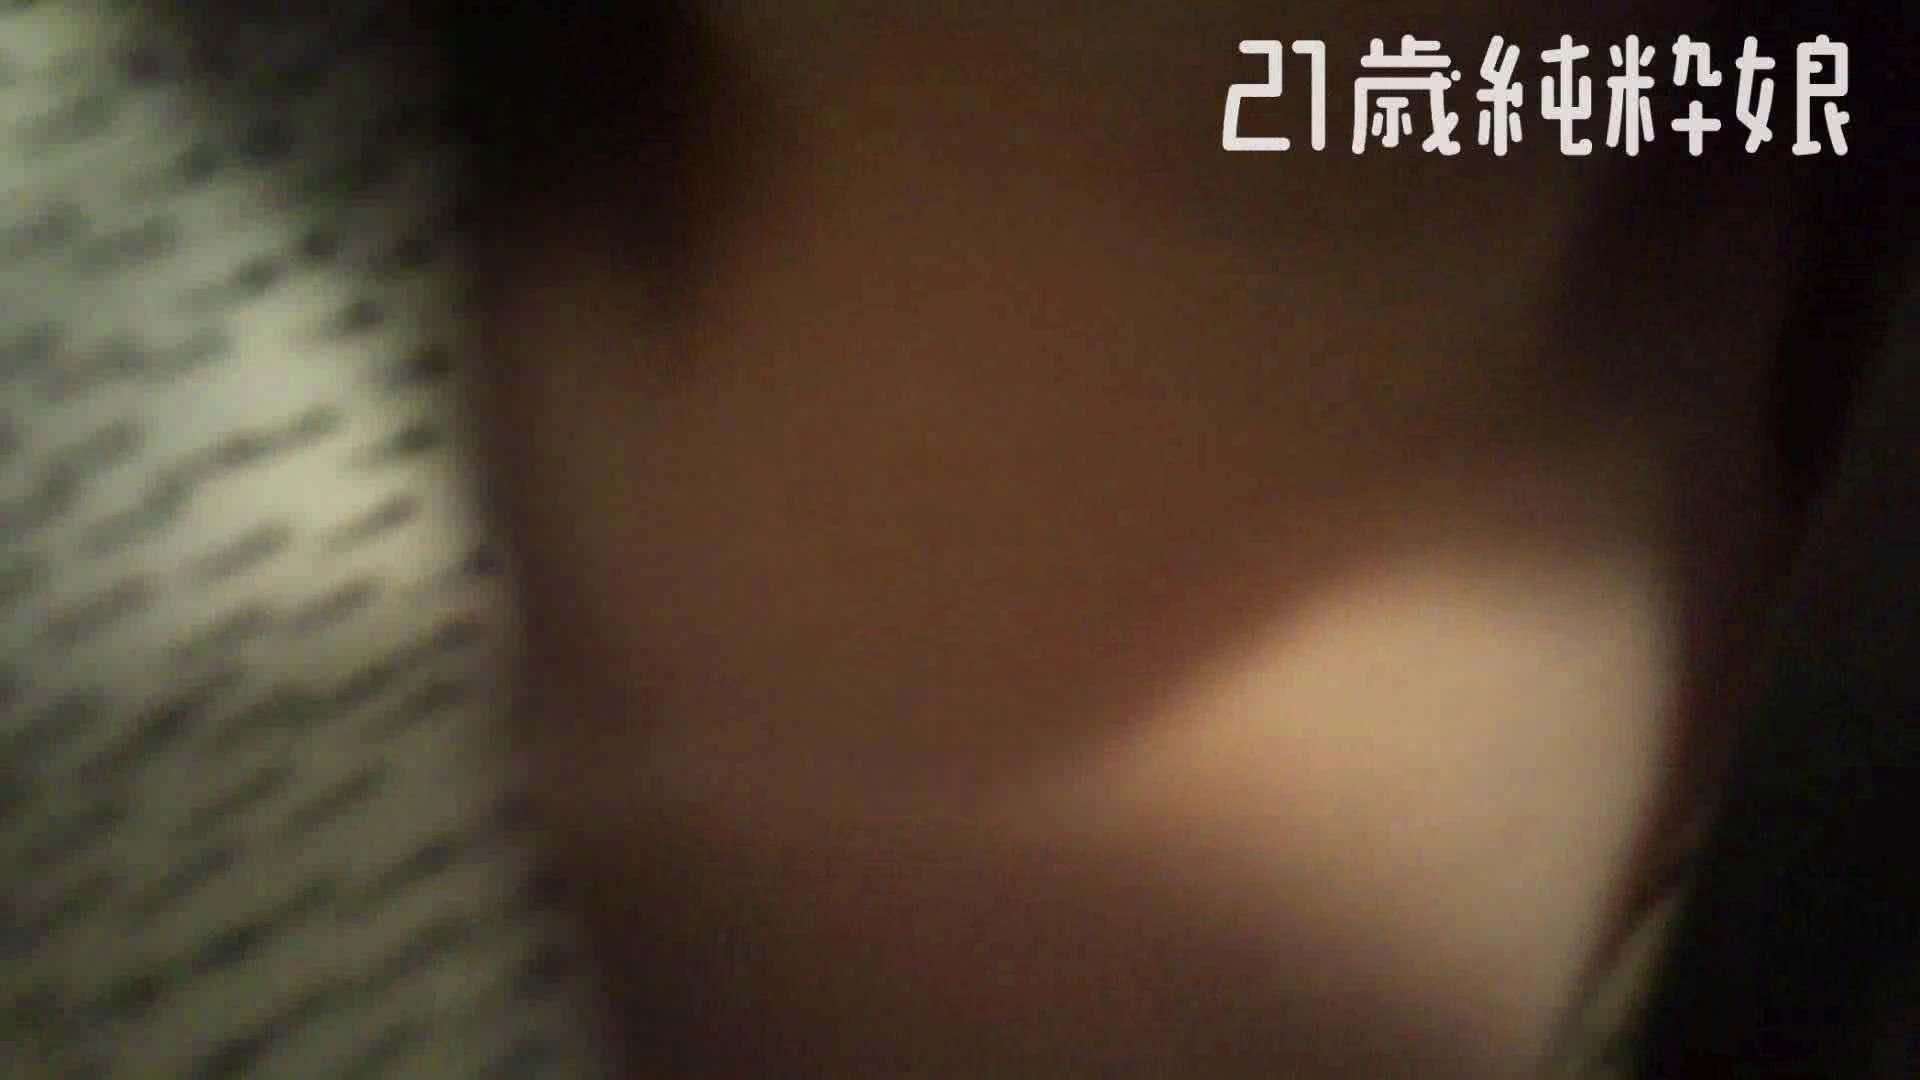 Gカップ21歳純粋嬢第2弾Vol.5 OL | 学校  75連発 54